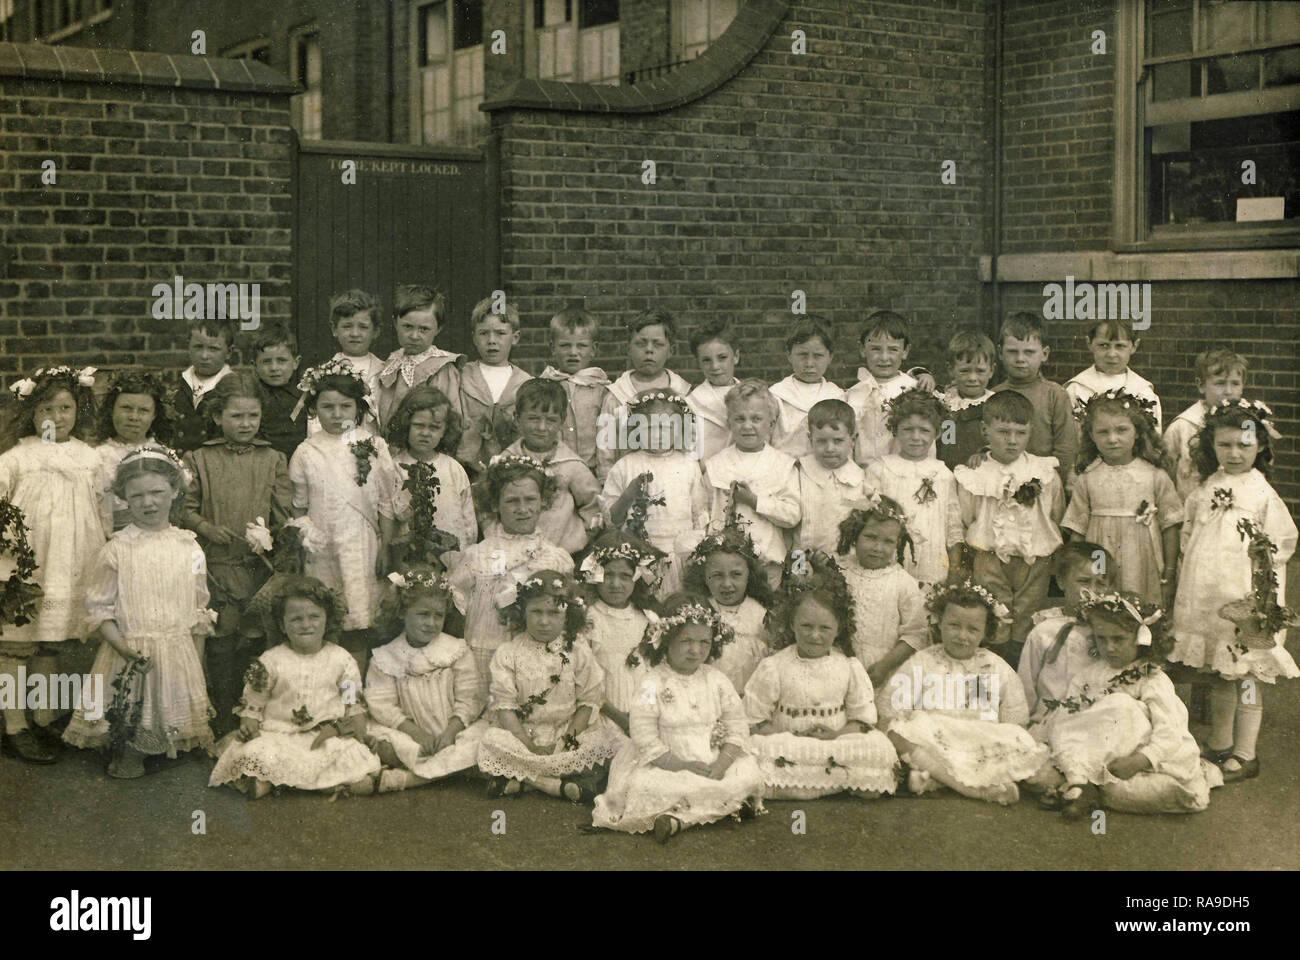 Imagen del archivo histórico, los niños en una escuela de Peterborough, c1920s. Las niñas vestían trajes de Mayo. Imagen De Stock